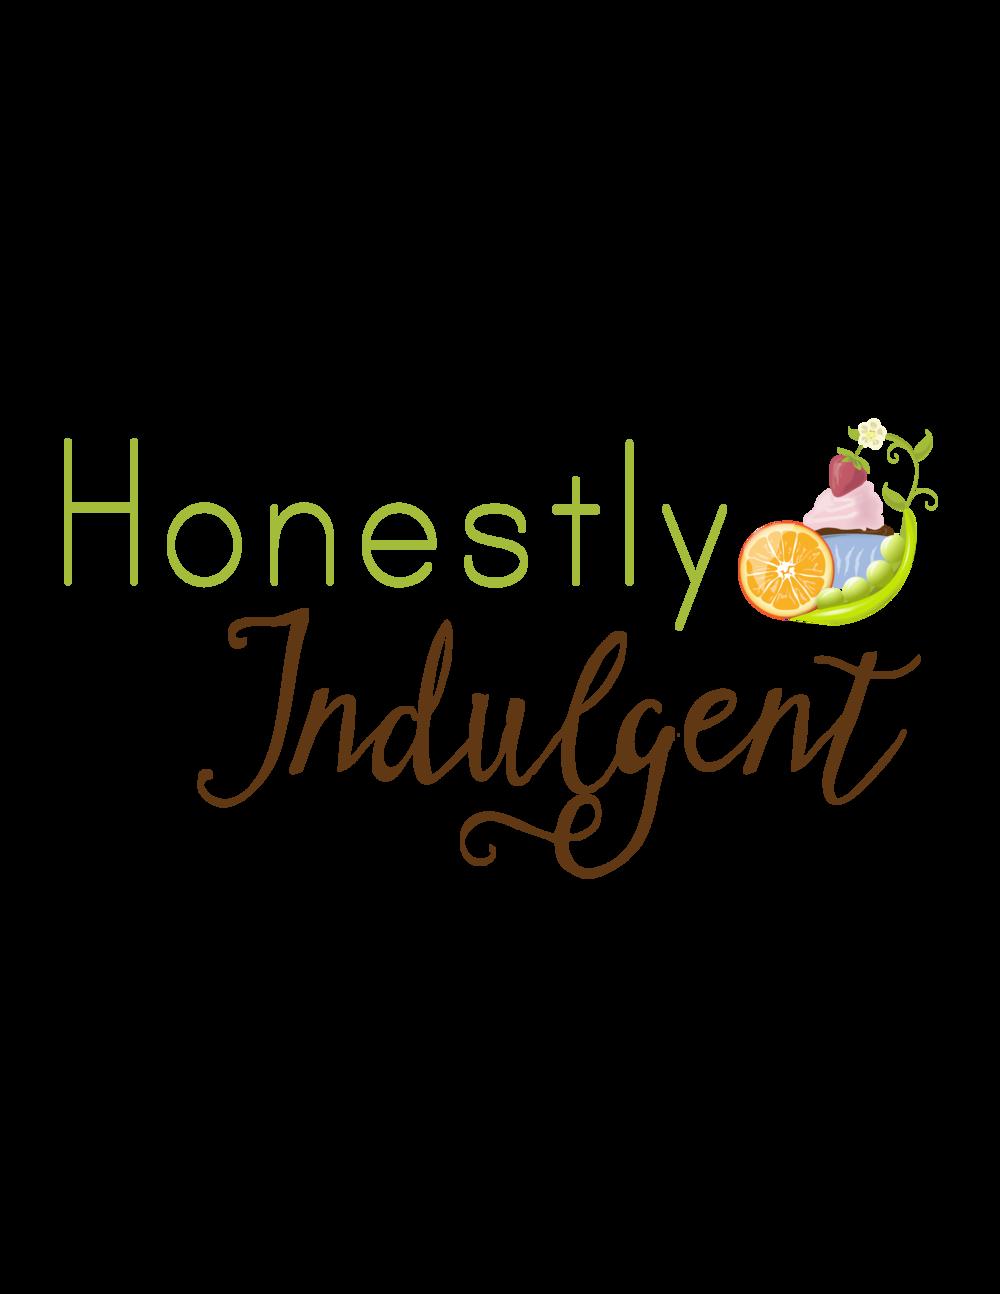 HONESTLY INDULGENT: BLOG LOGO